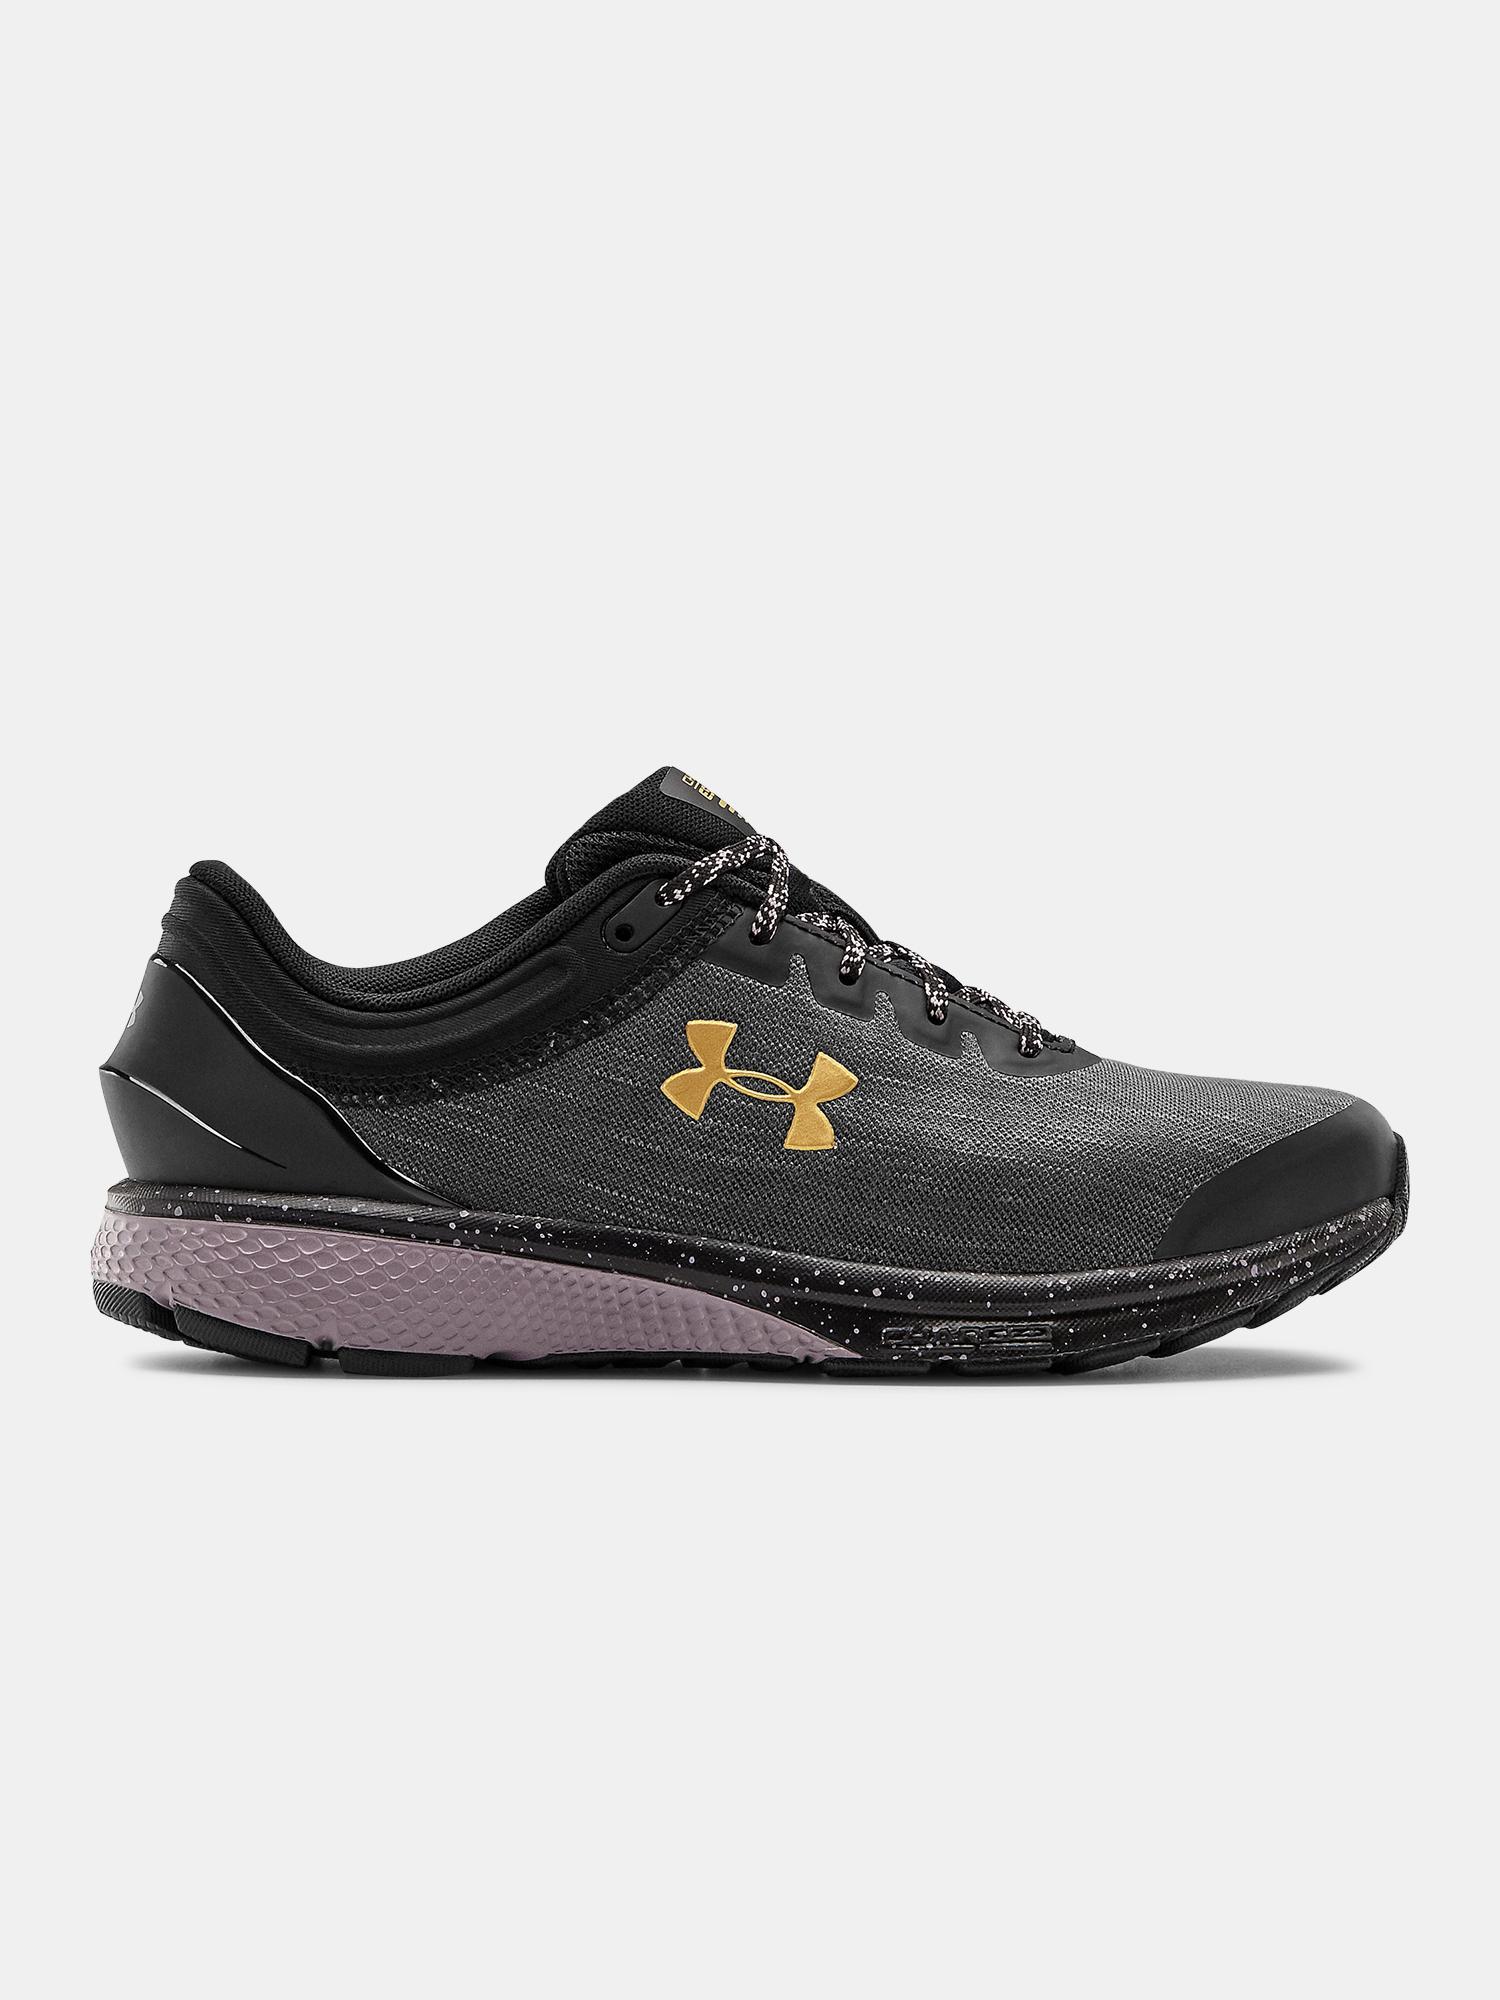 נעלי ריצה אנדר ארמור לנשים Under Armour Charged Escape 3 Evo - צבעוני כהה